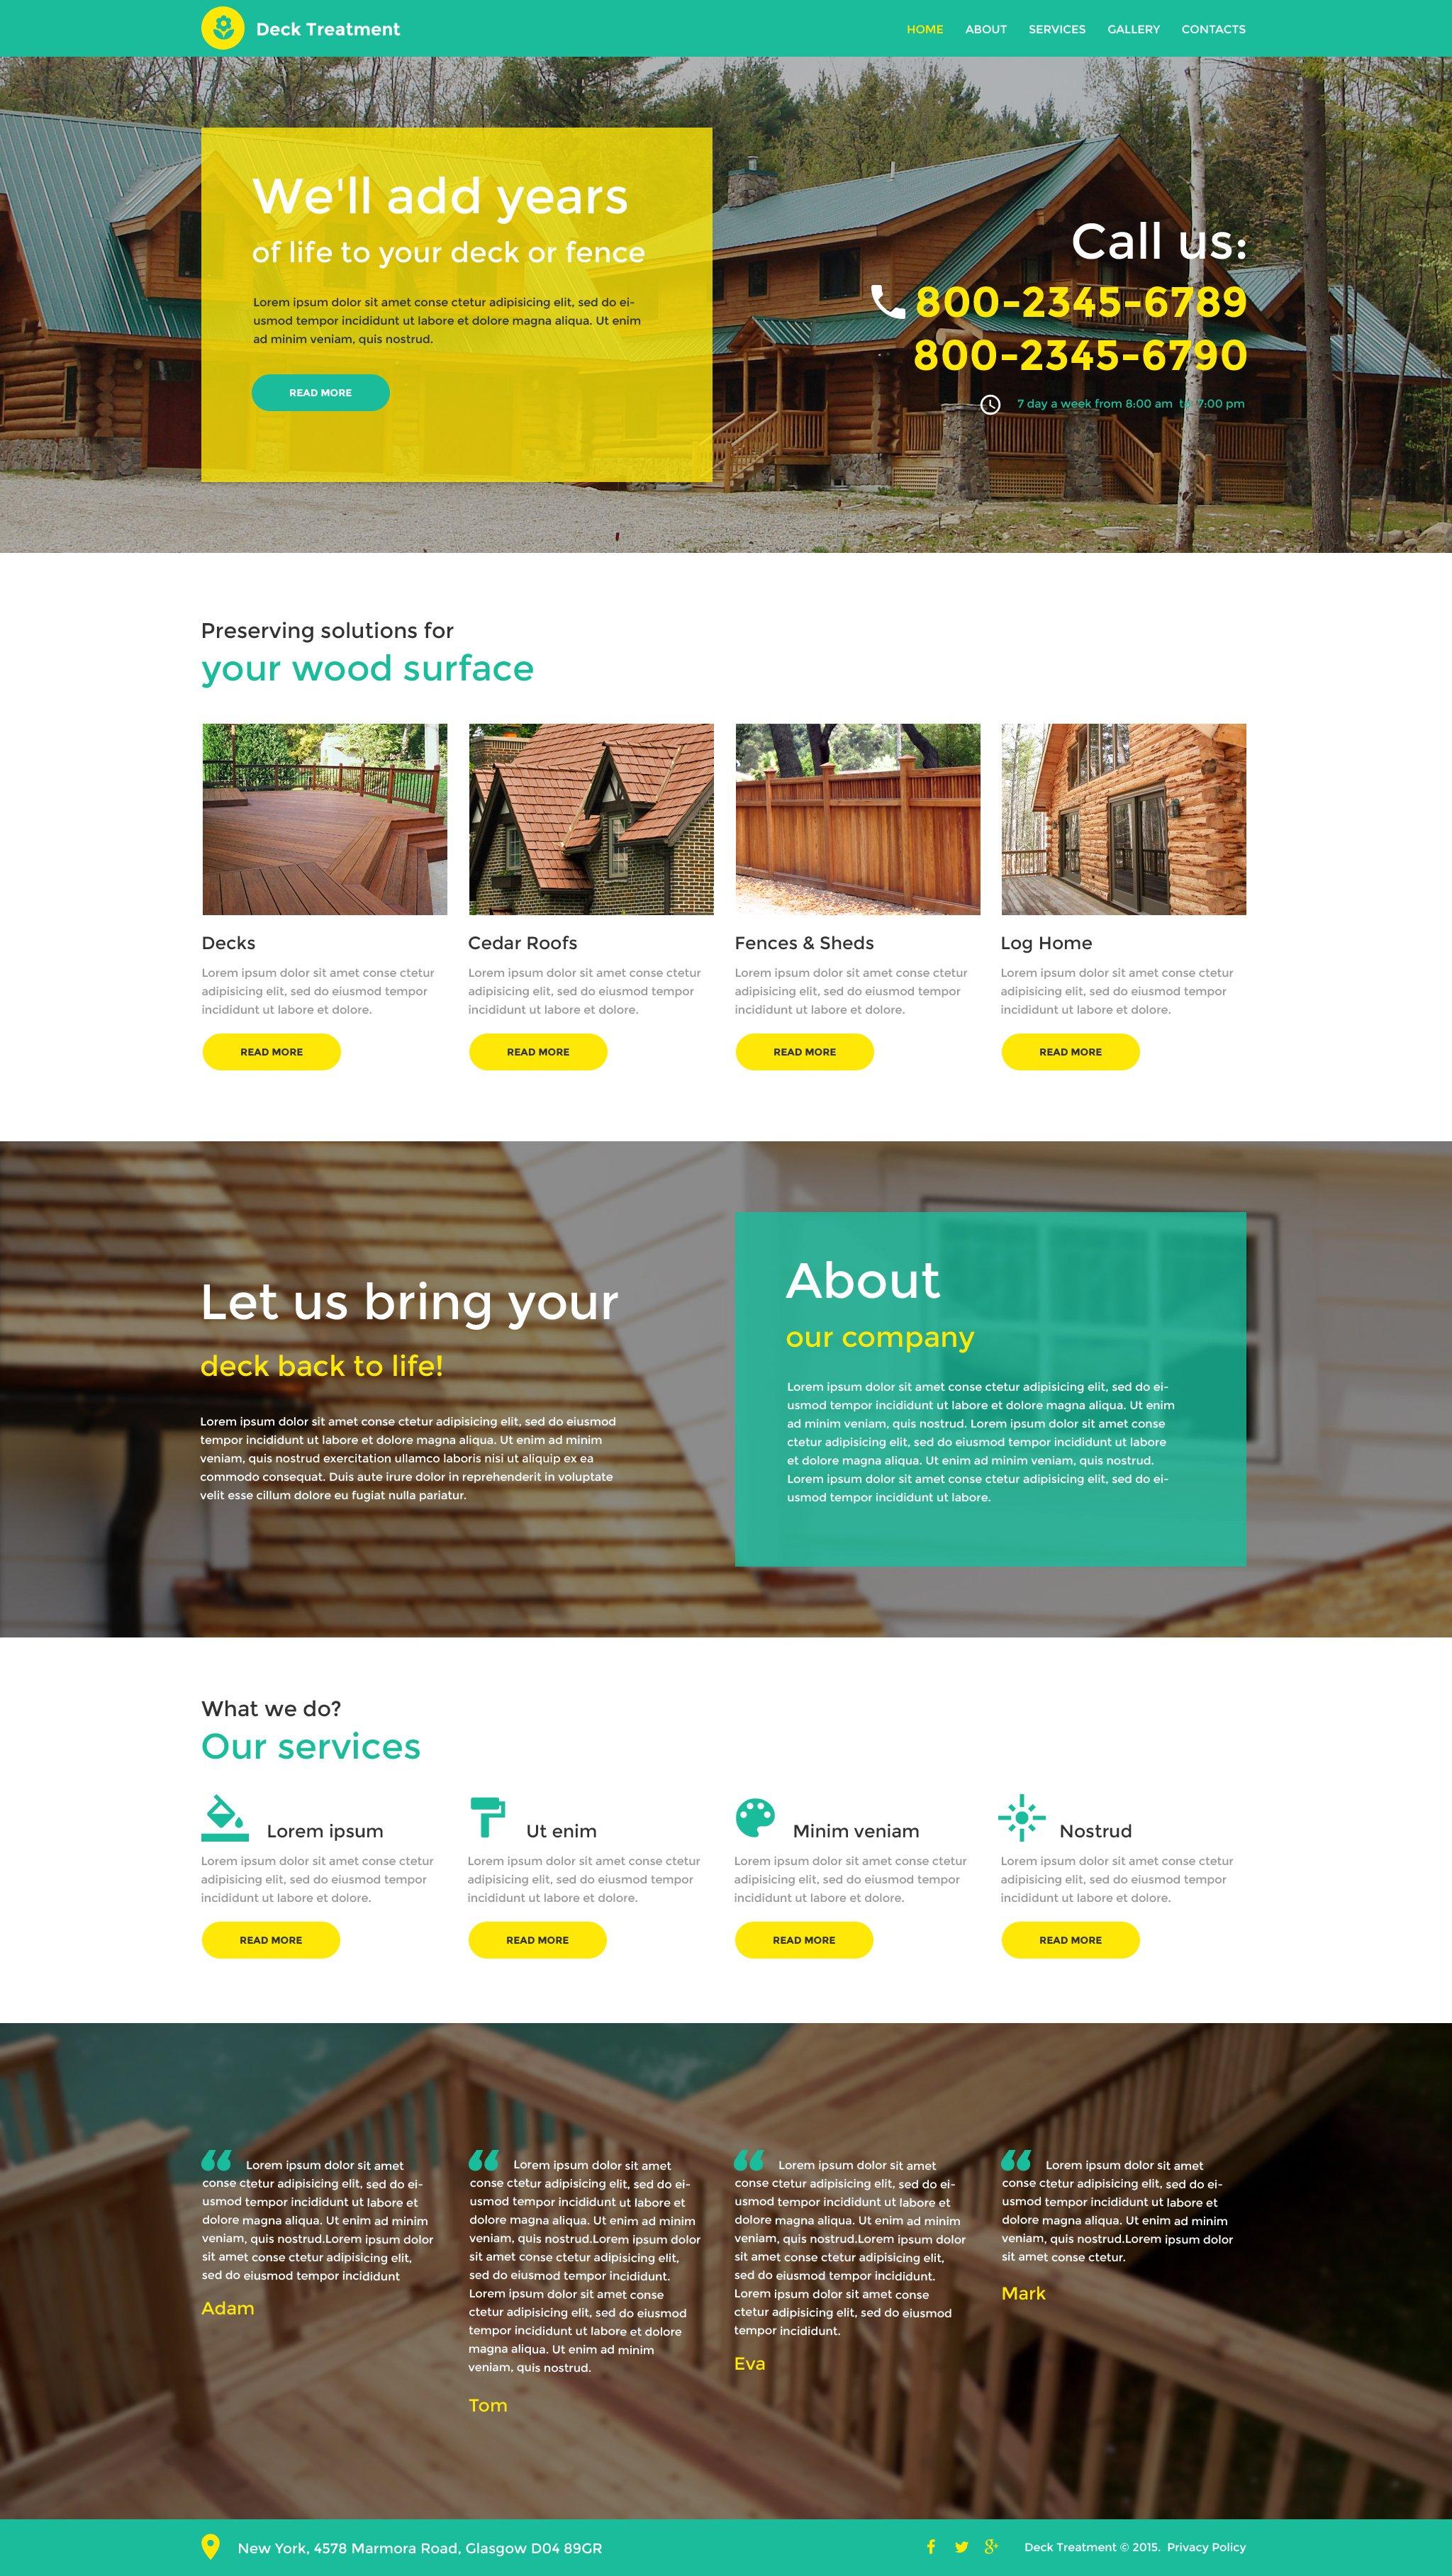 Modèle Web adaptatif pour site de design intérieur #56073 - screenshot